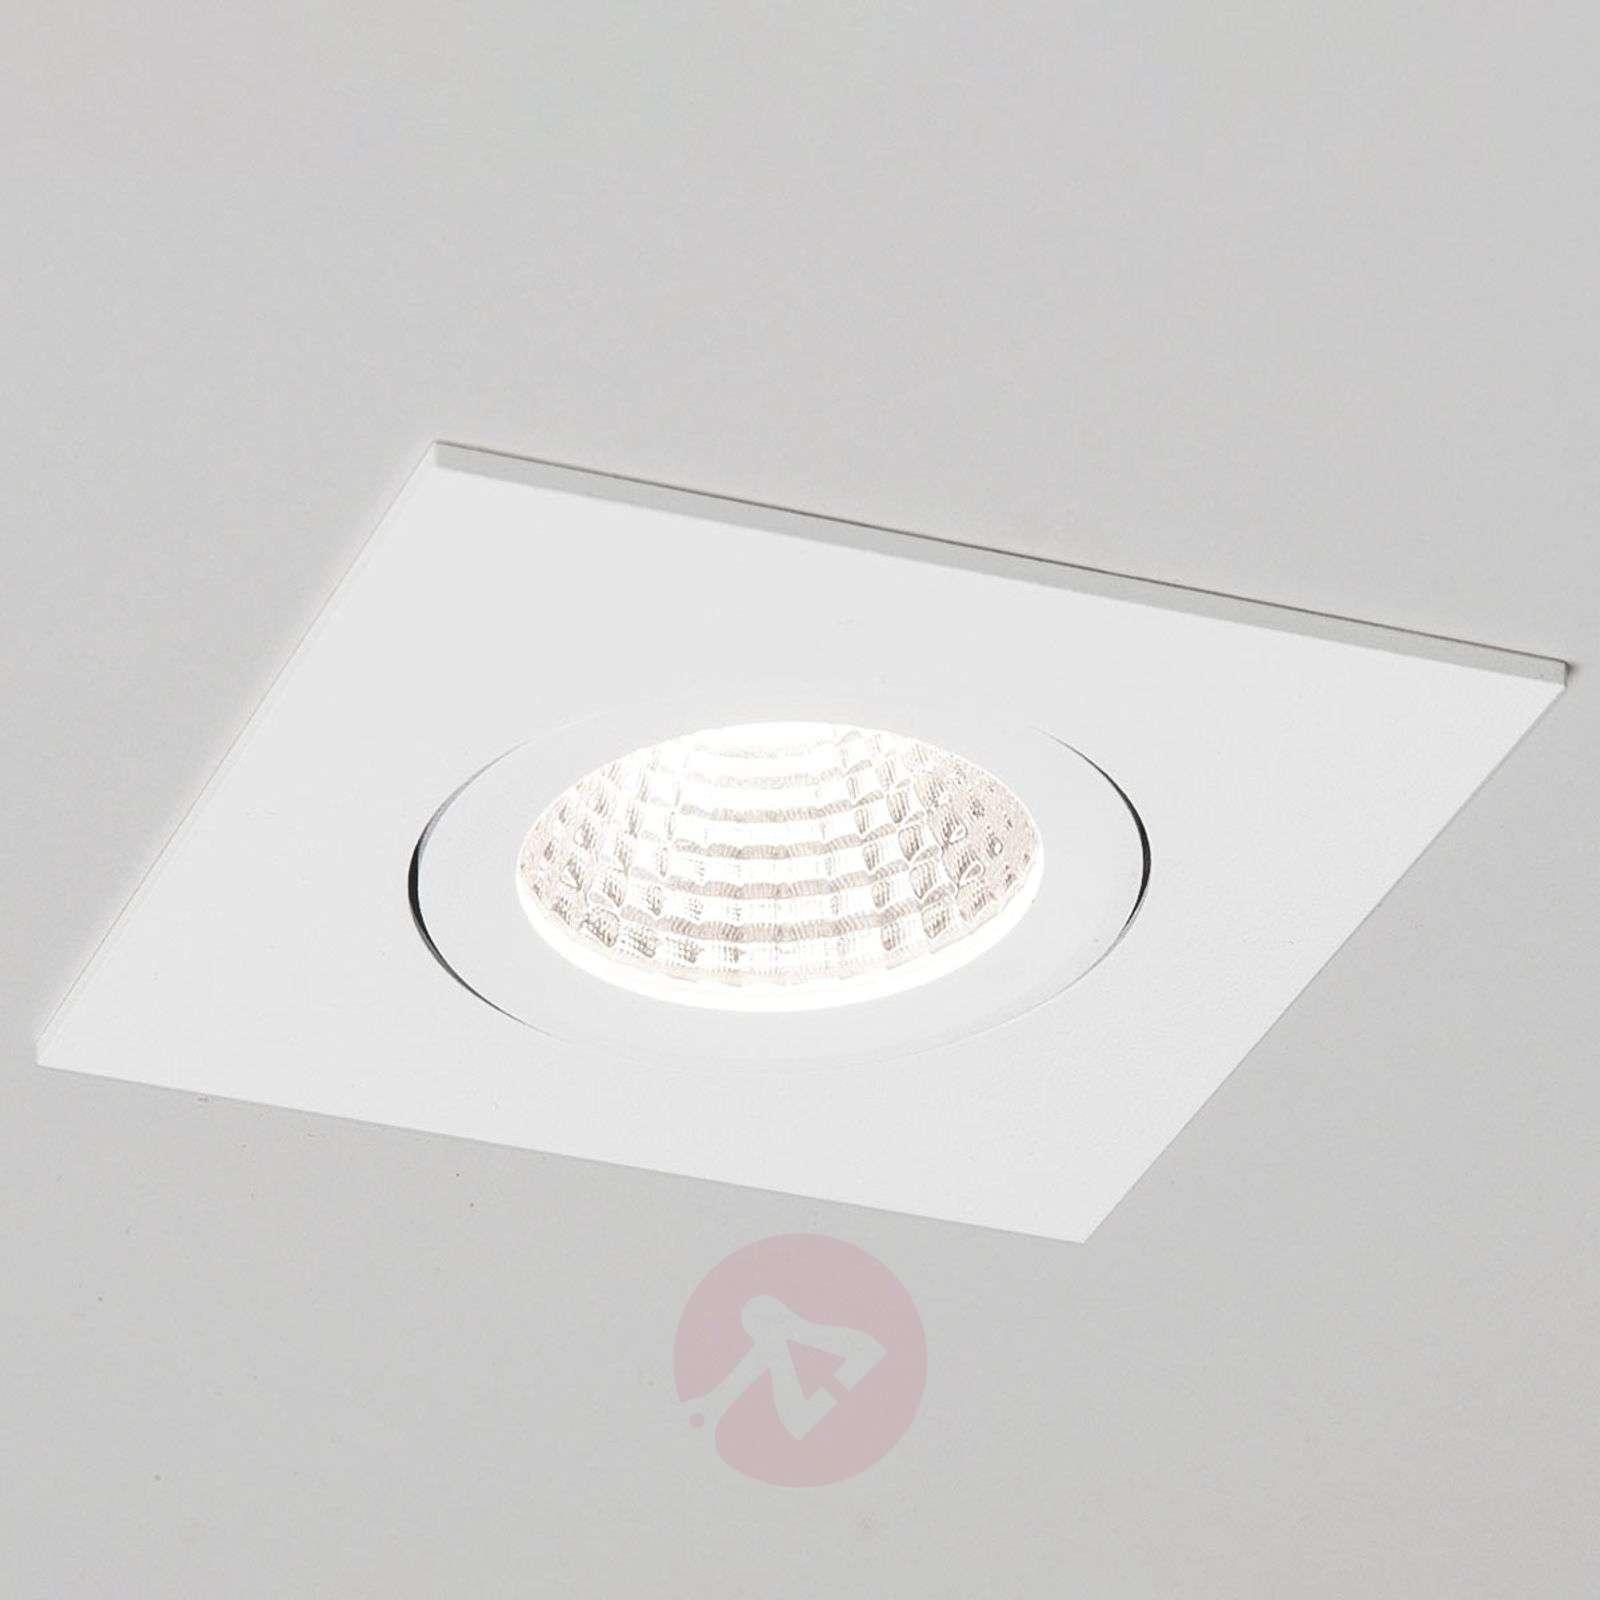 LED-uppospotti Agon Square 3000K 40degree, valkoinen-6523689-01